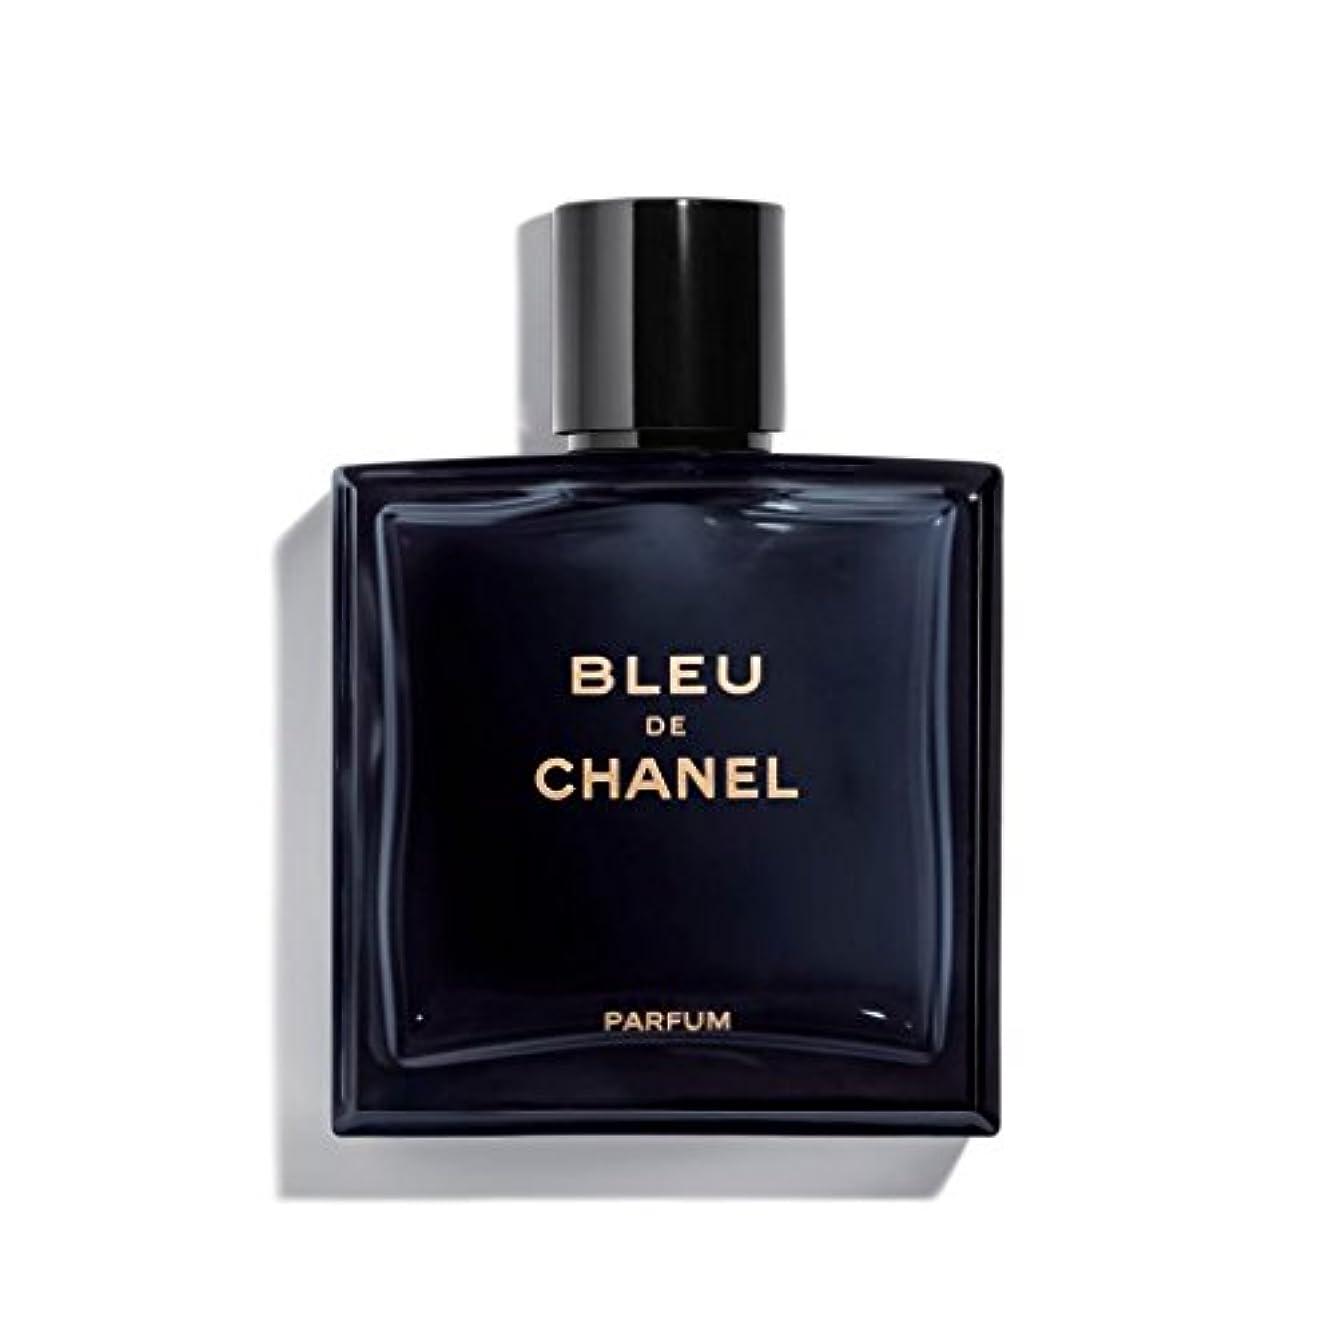 メッセンジャー薬用罪人シャネル CHANEL ブルー ドゥ シャネル パルファム 〔Parfum〕 50ml Pfm SP fs